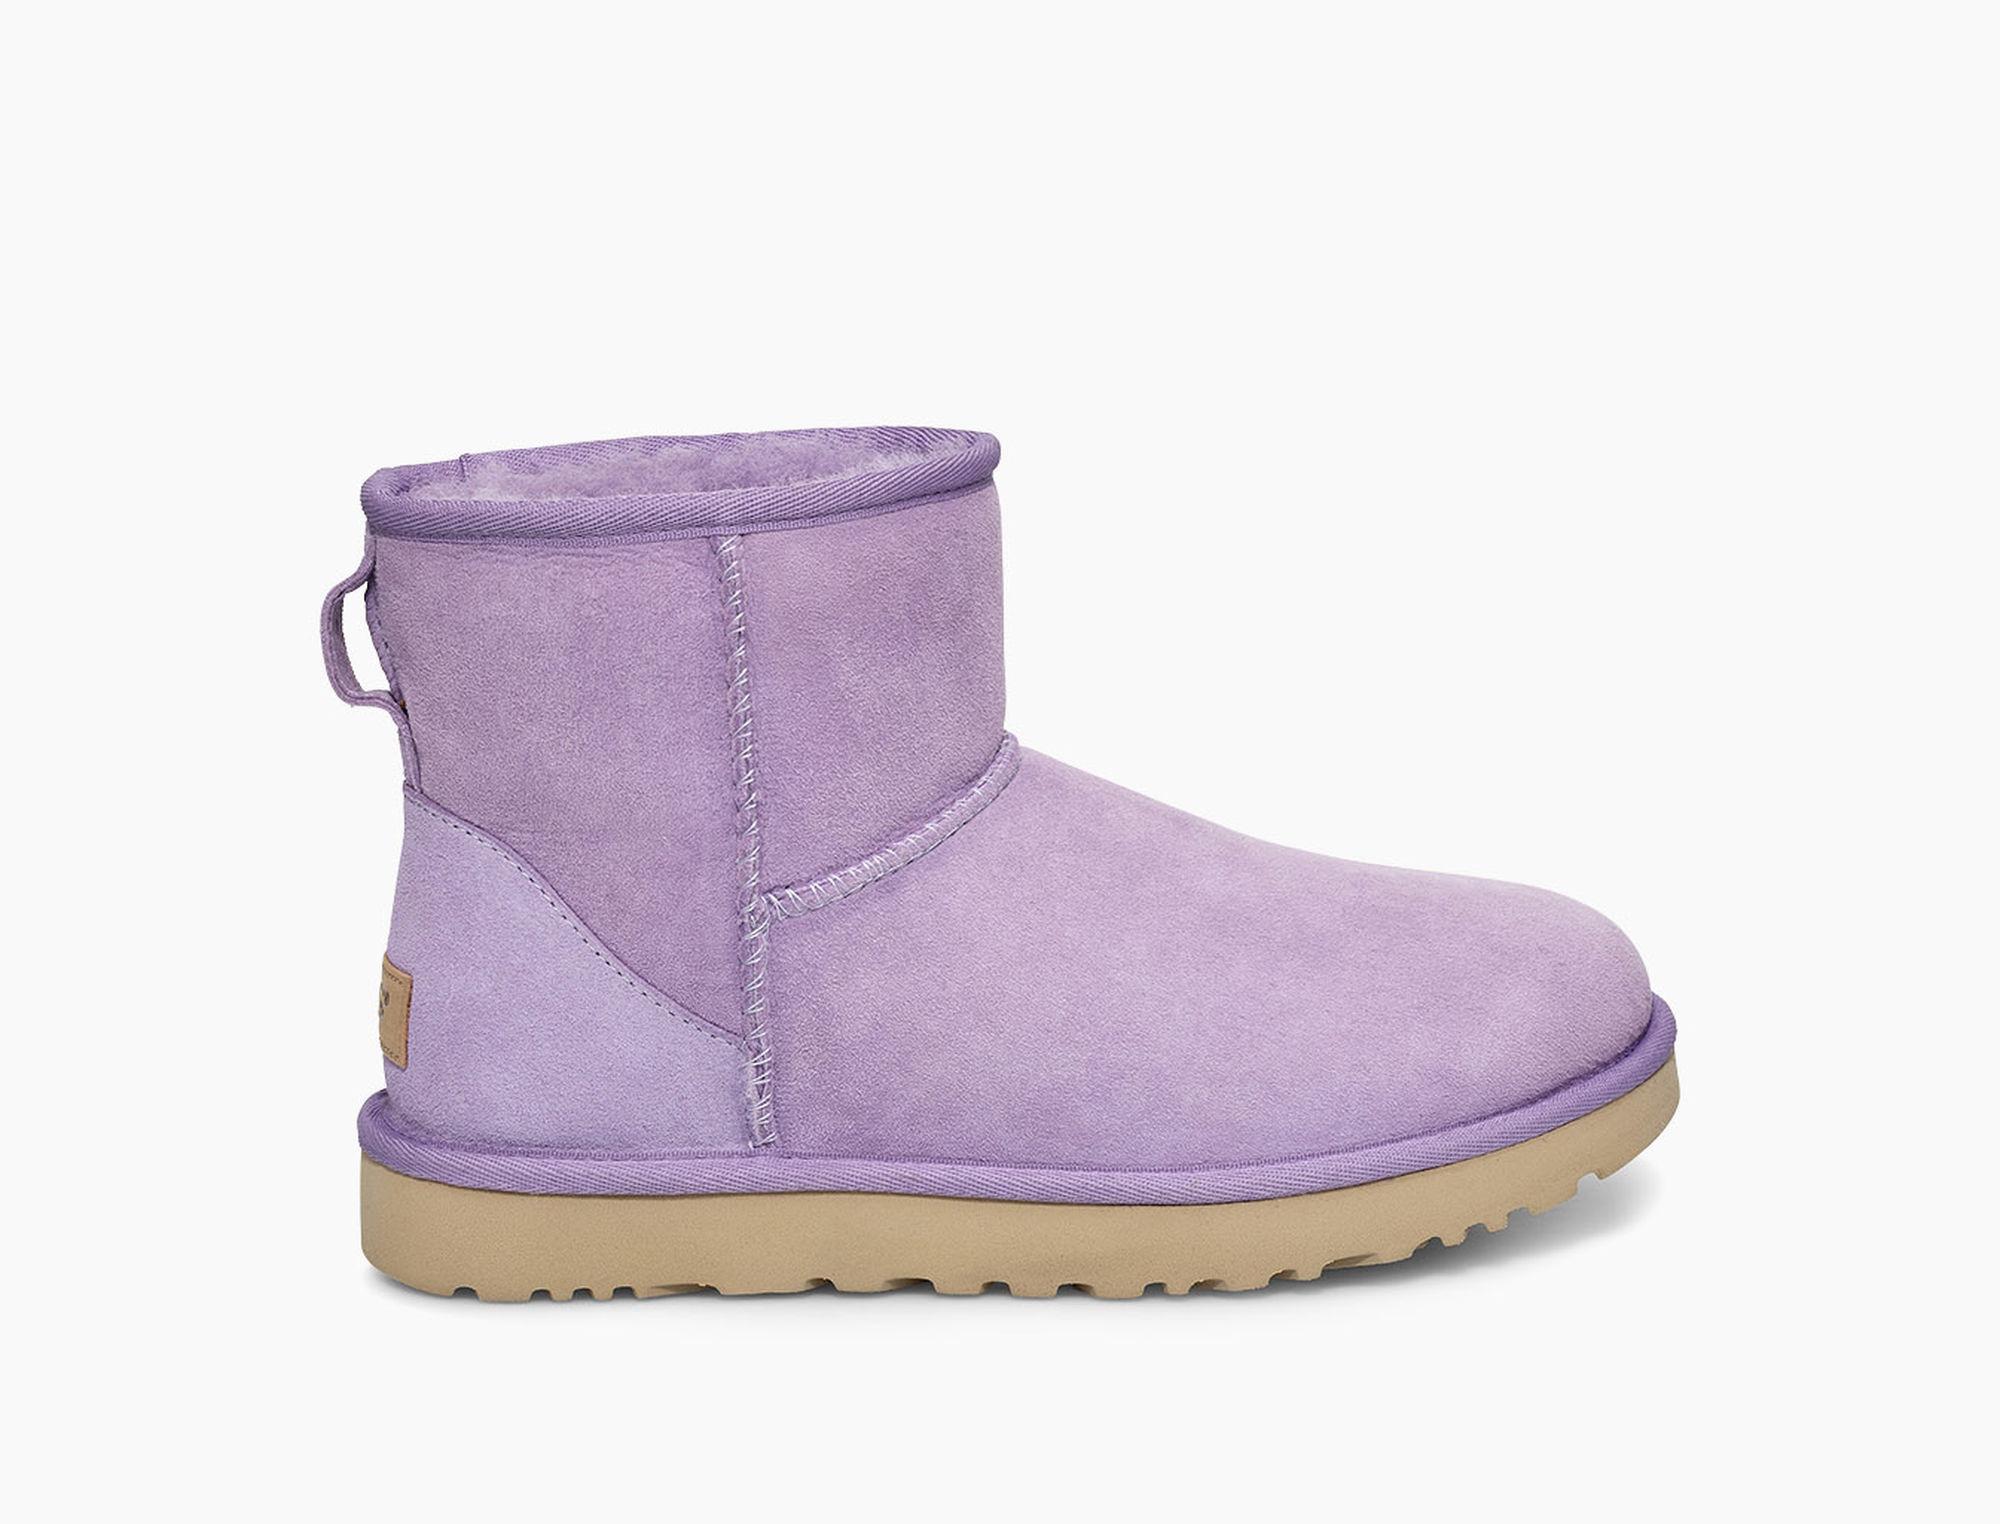 3847da4f99a Lyst - UGG Classic Mini Ii Boot Classic Mini Ii Boot in Purple